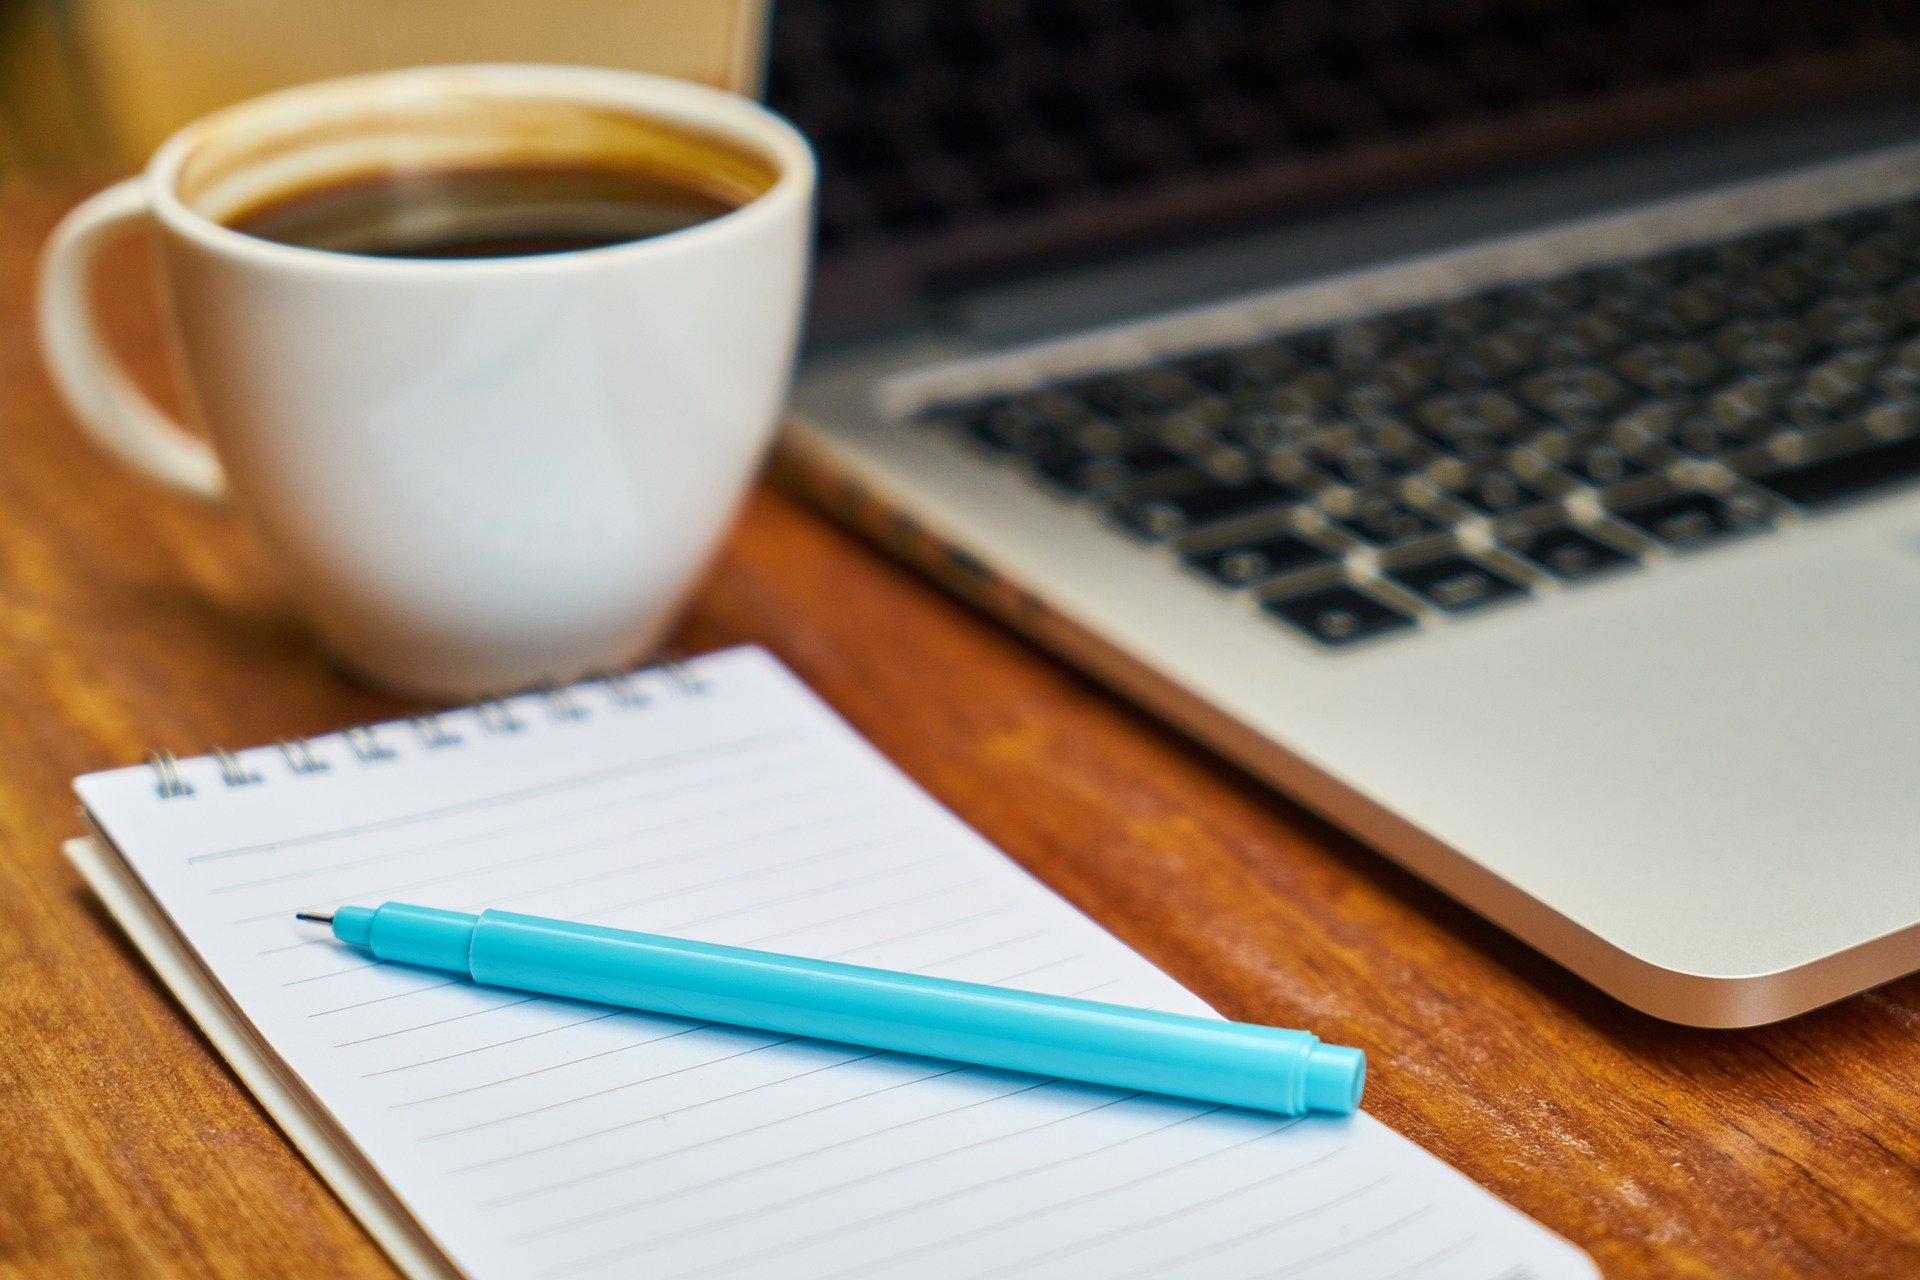 Läppäri, muistilehtiö, kynä ja kahvikuppi pöydällä